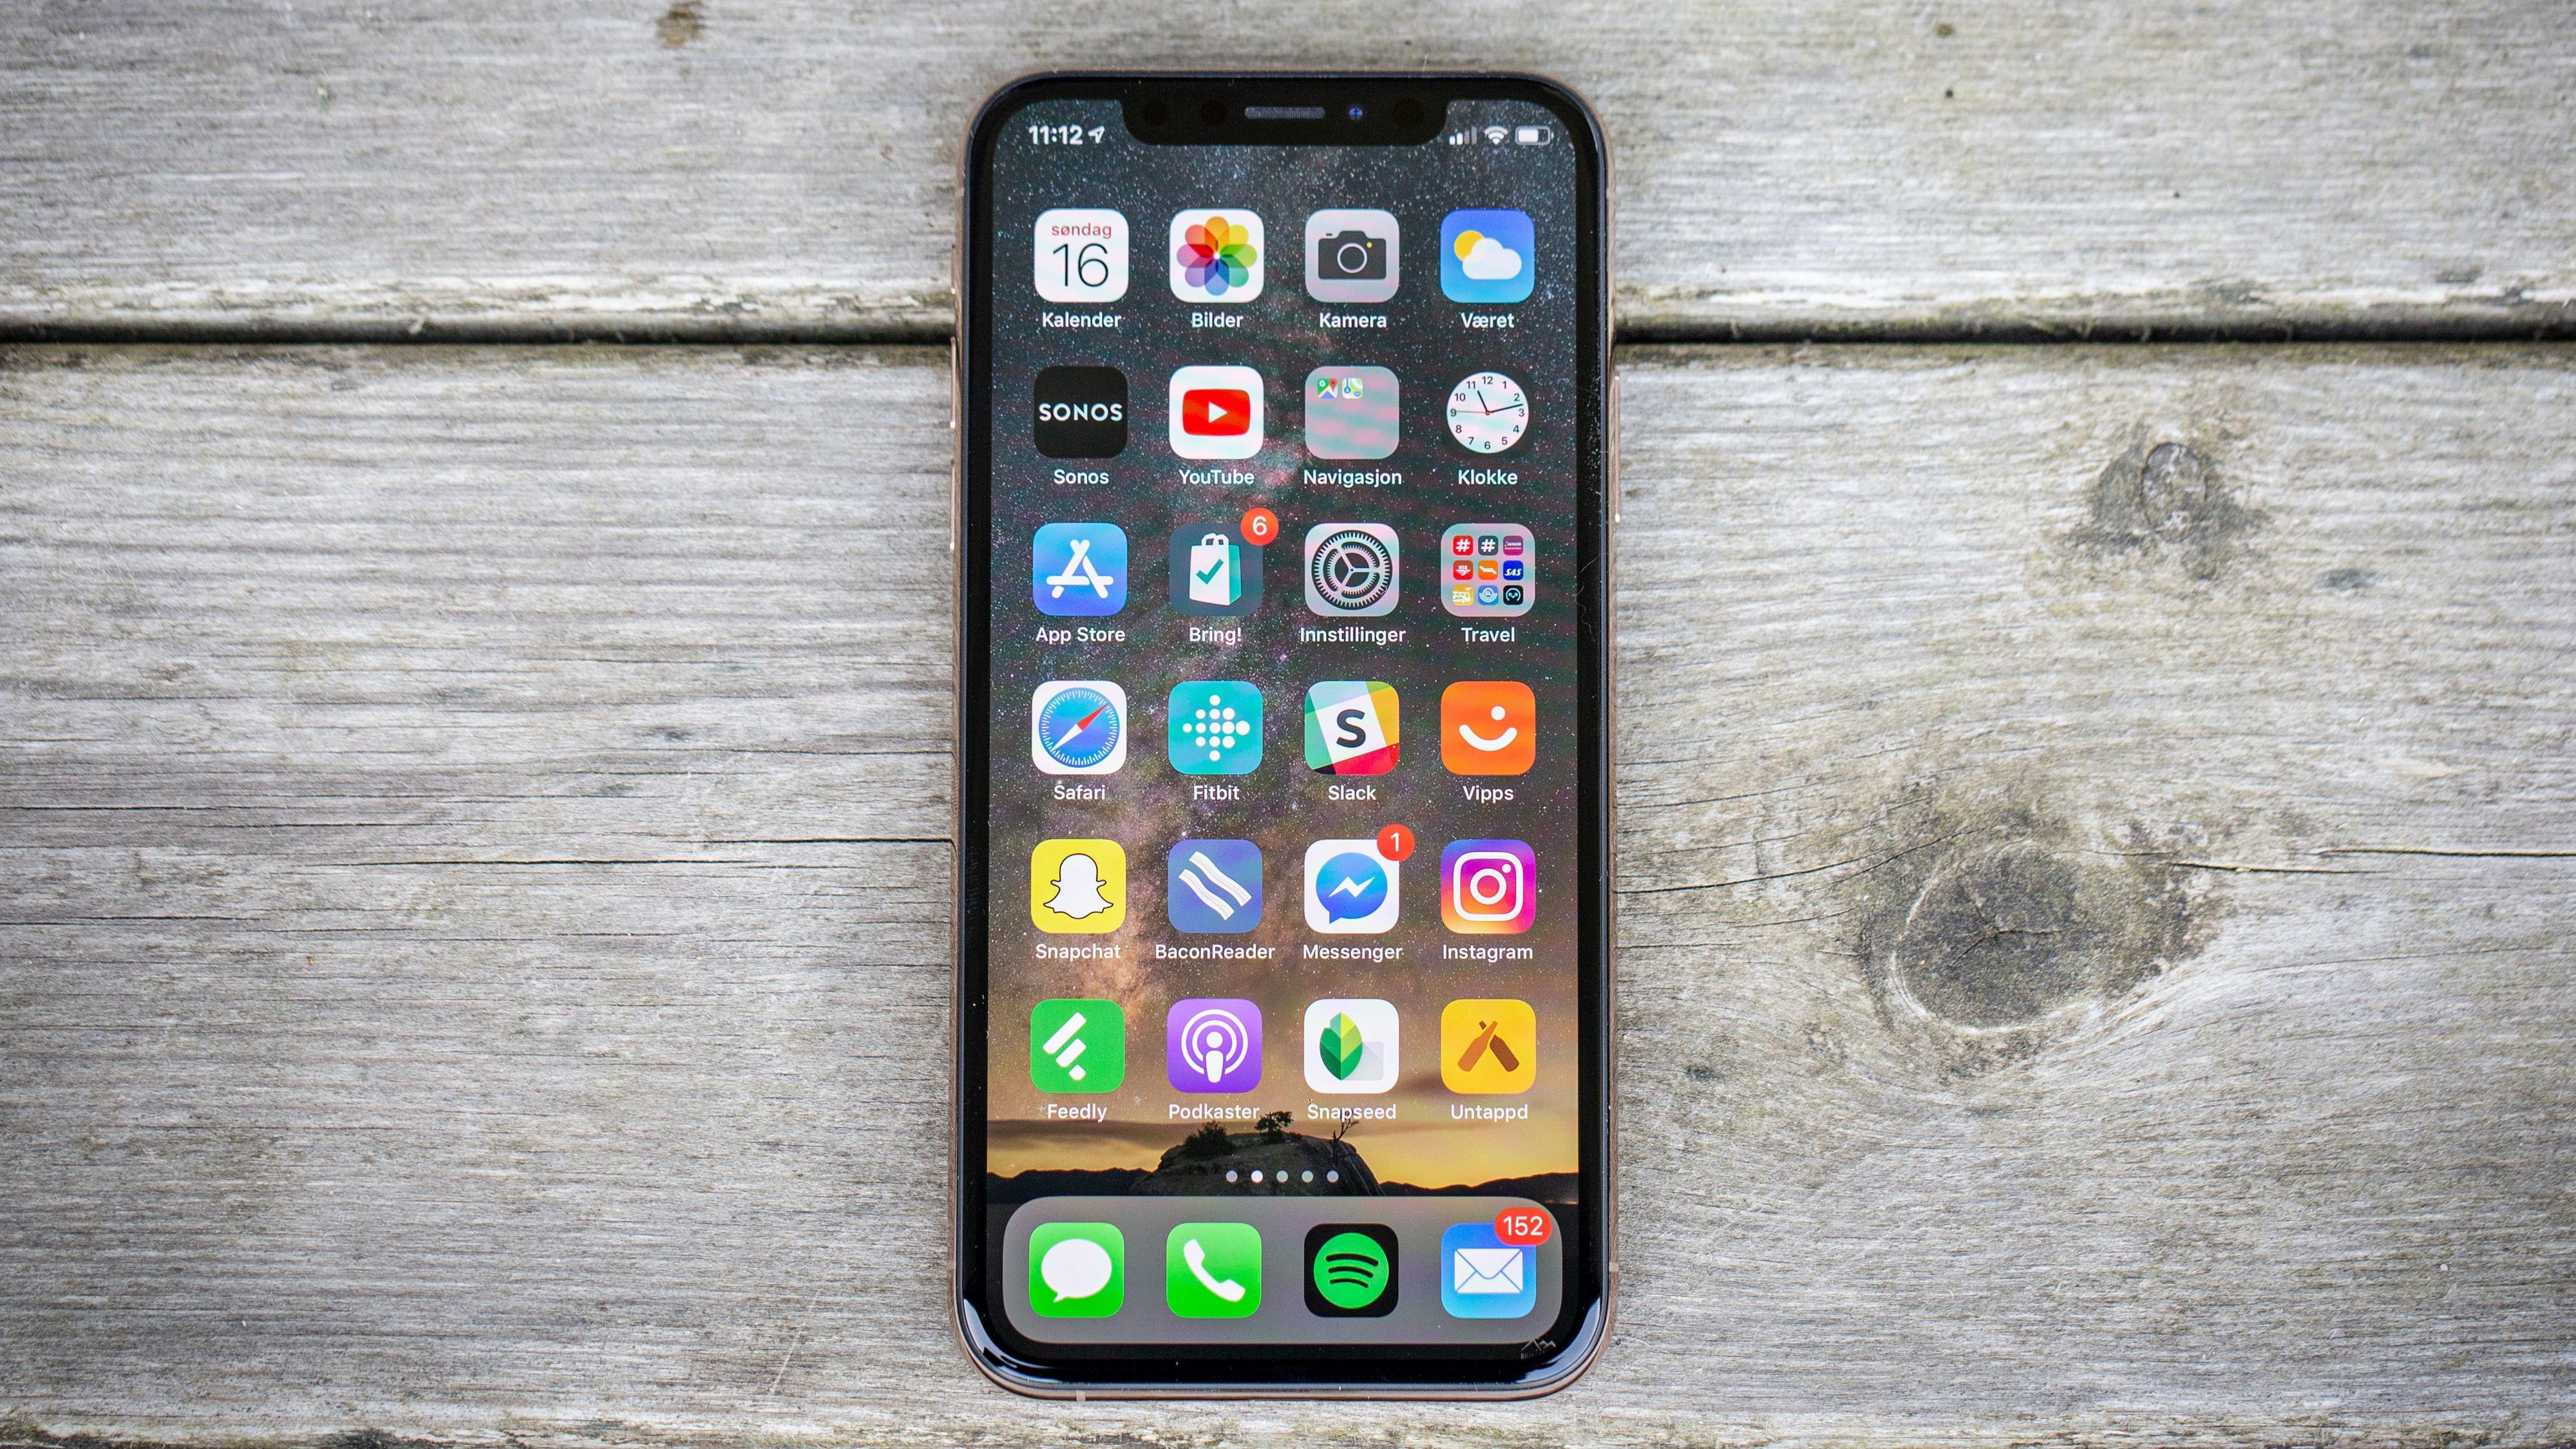 Sært wifi-navn gjør wifi «ubrukelig» på iPhone